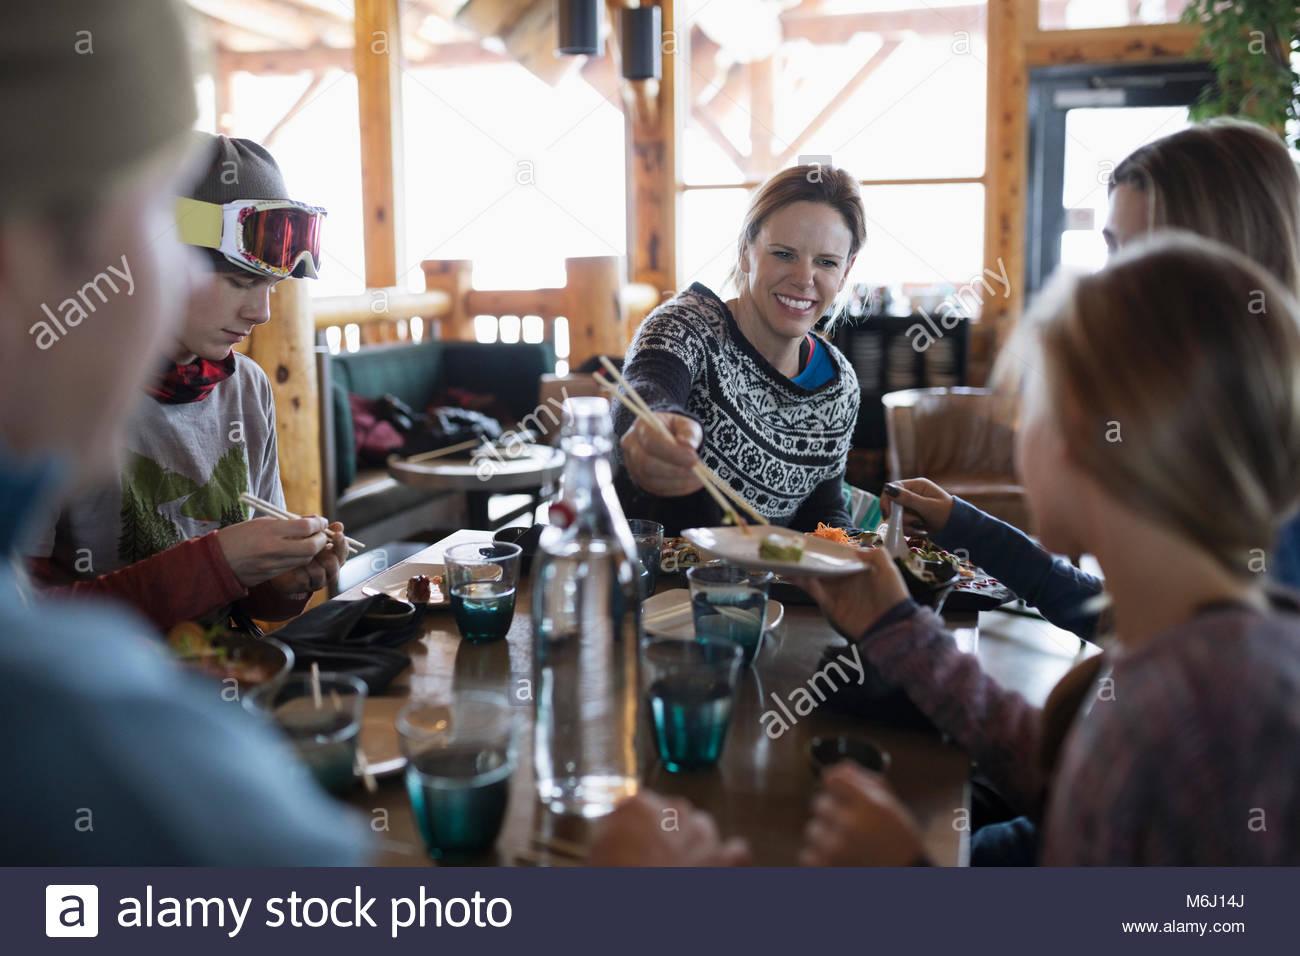 Los esquiadores de la familia disfrutando de sushi en ski resort restaurante apres-ski Imagen De Stock